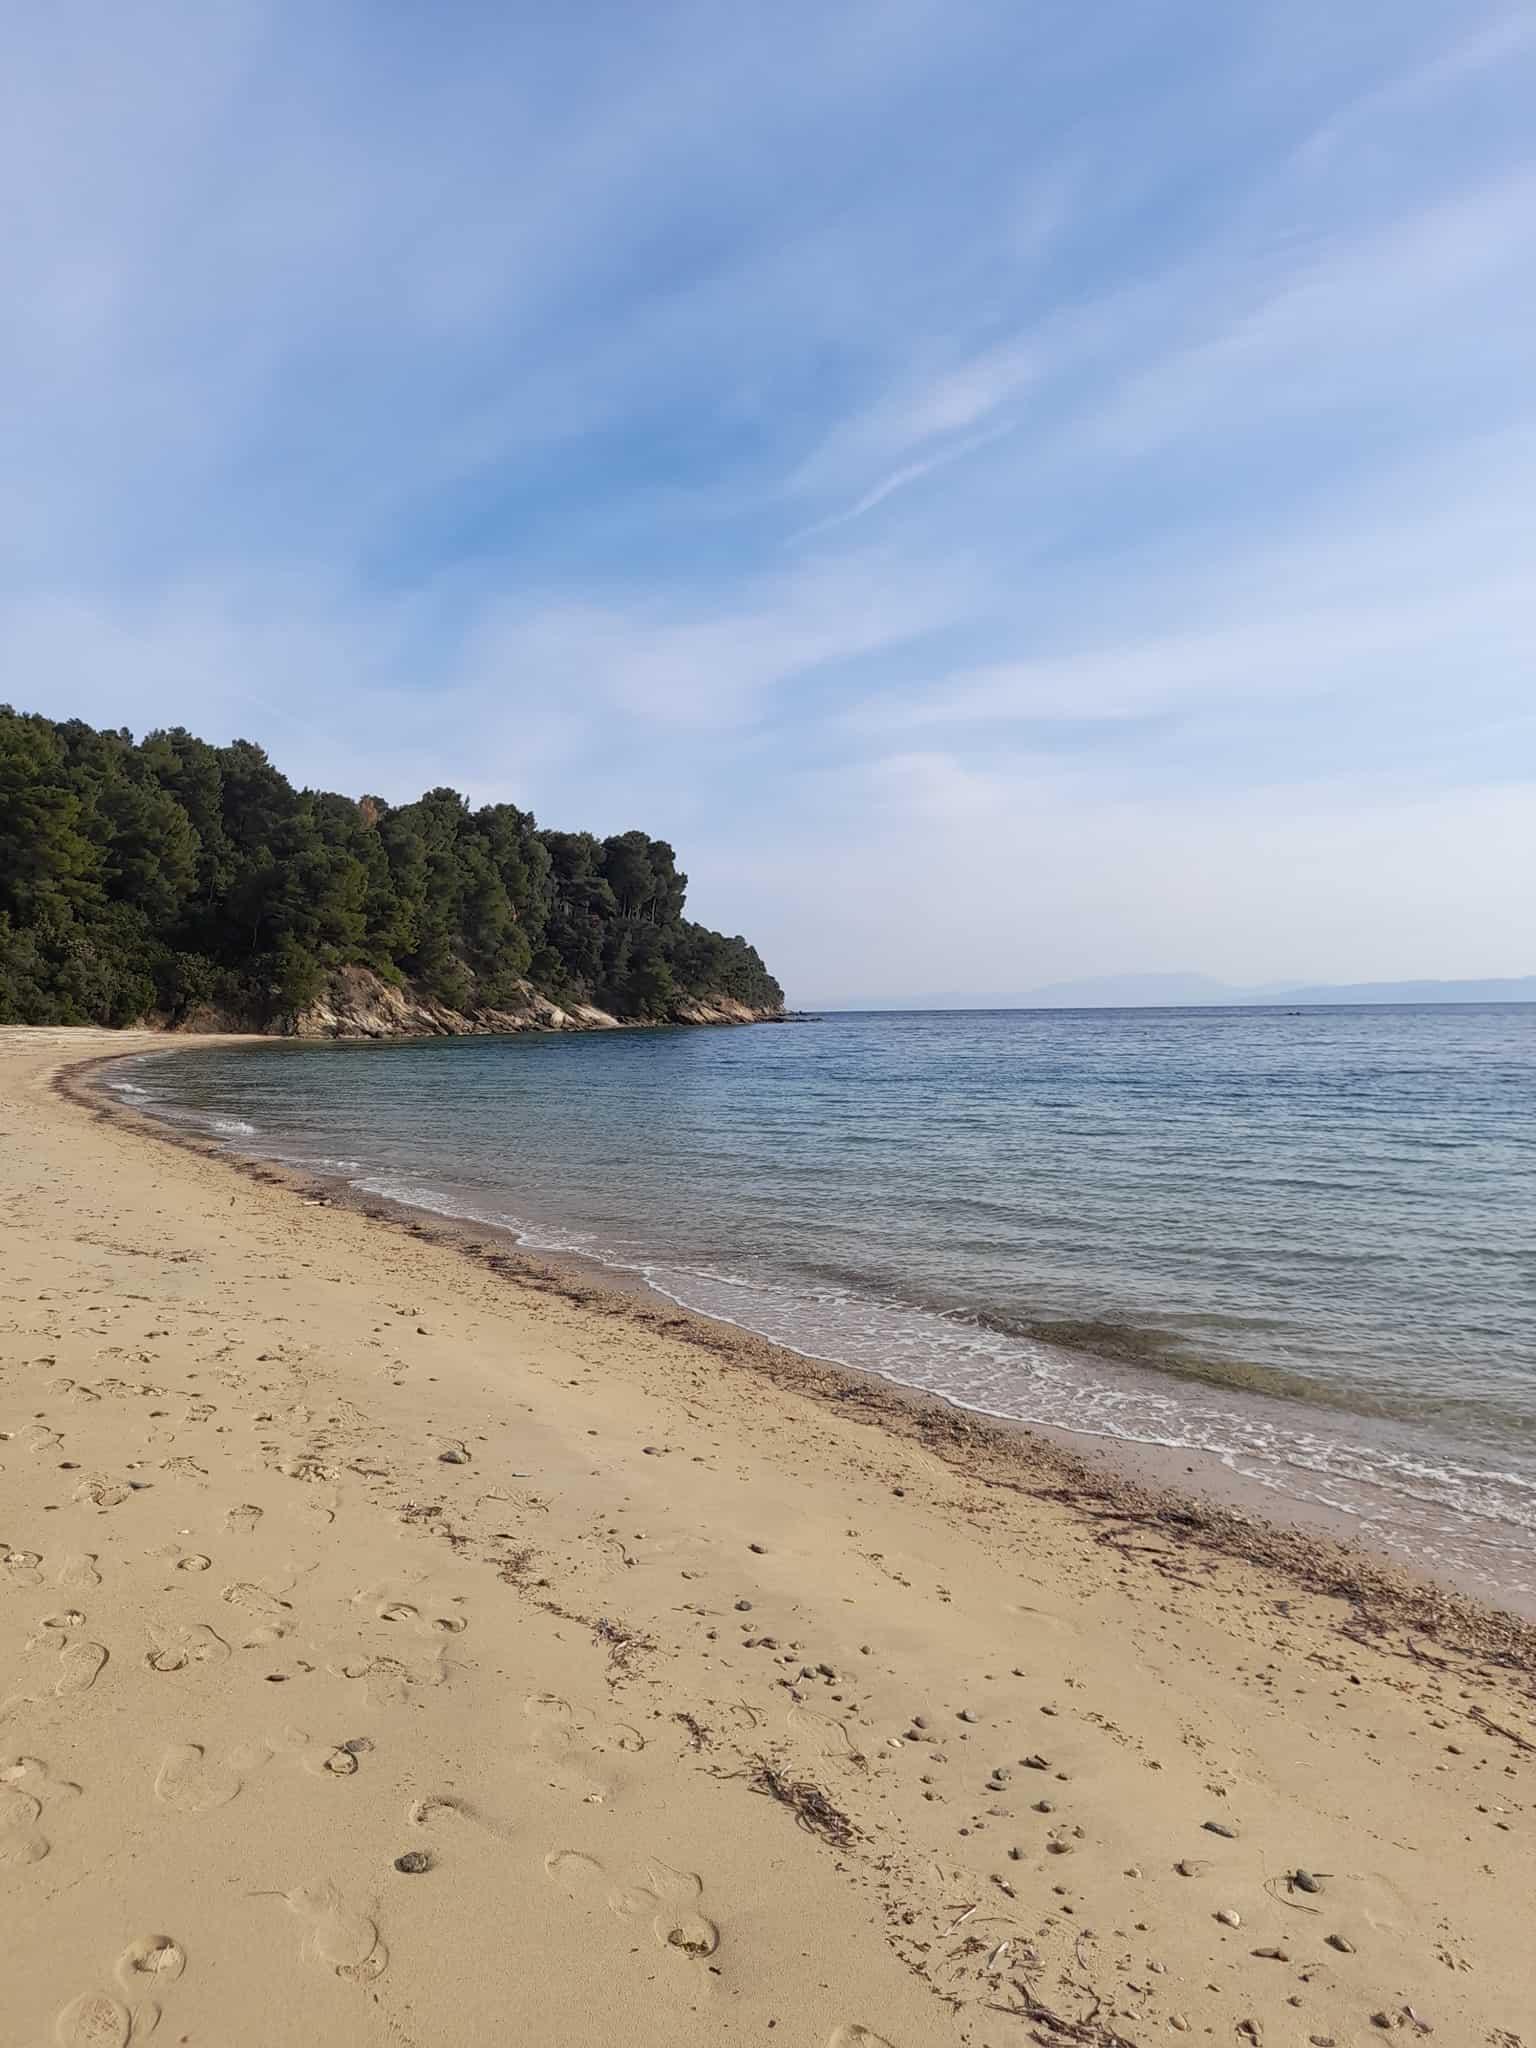 Skiathos beaches: Vromolimnos